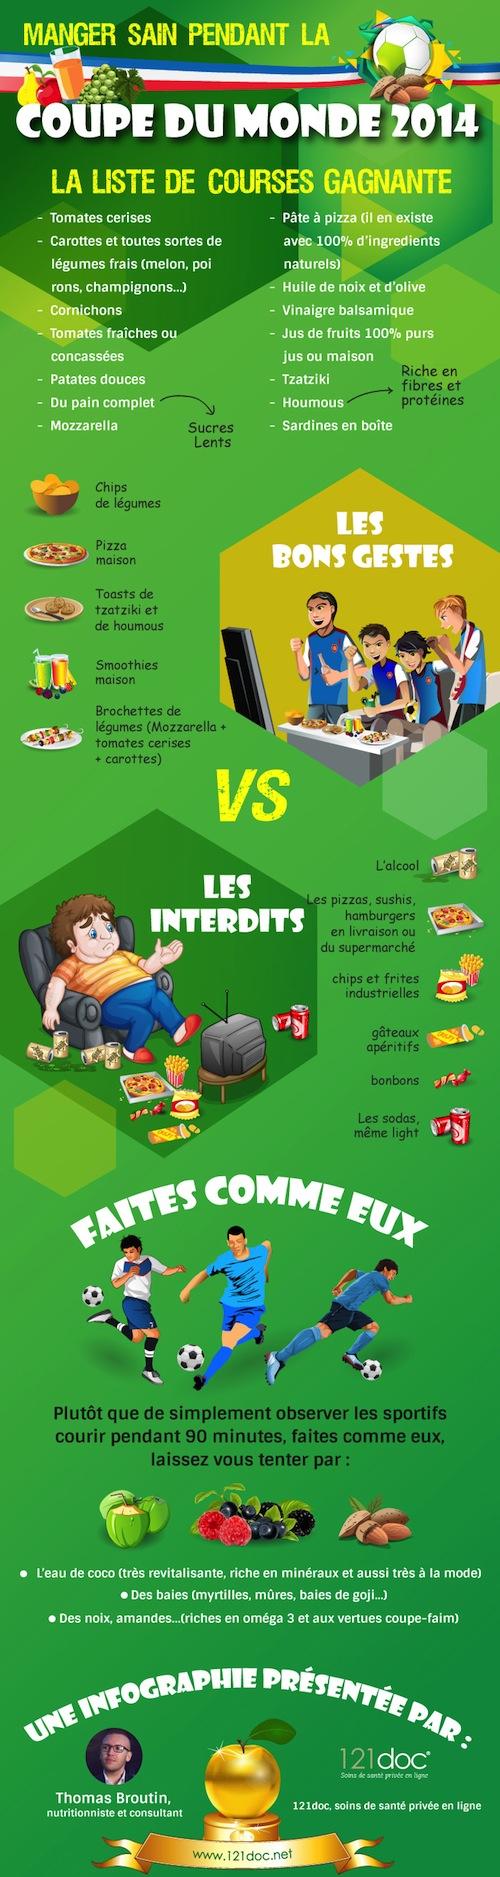 Comment manger sain pendant la Coupe du Monde ? Toutes les astuces et conseils de Thomas Broutin, nutritionniste, et 121doc !